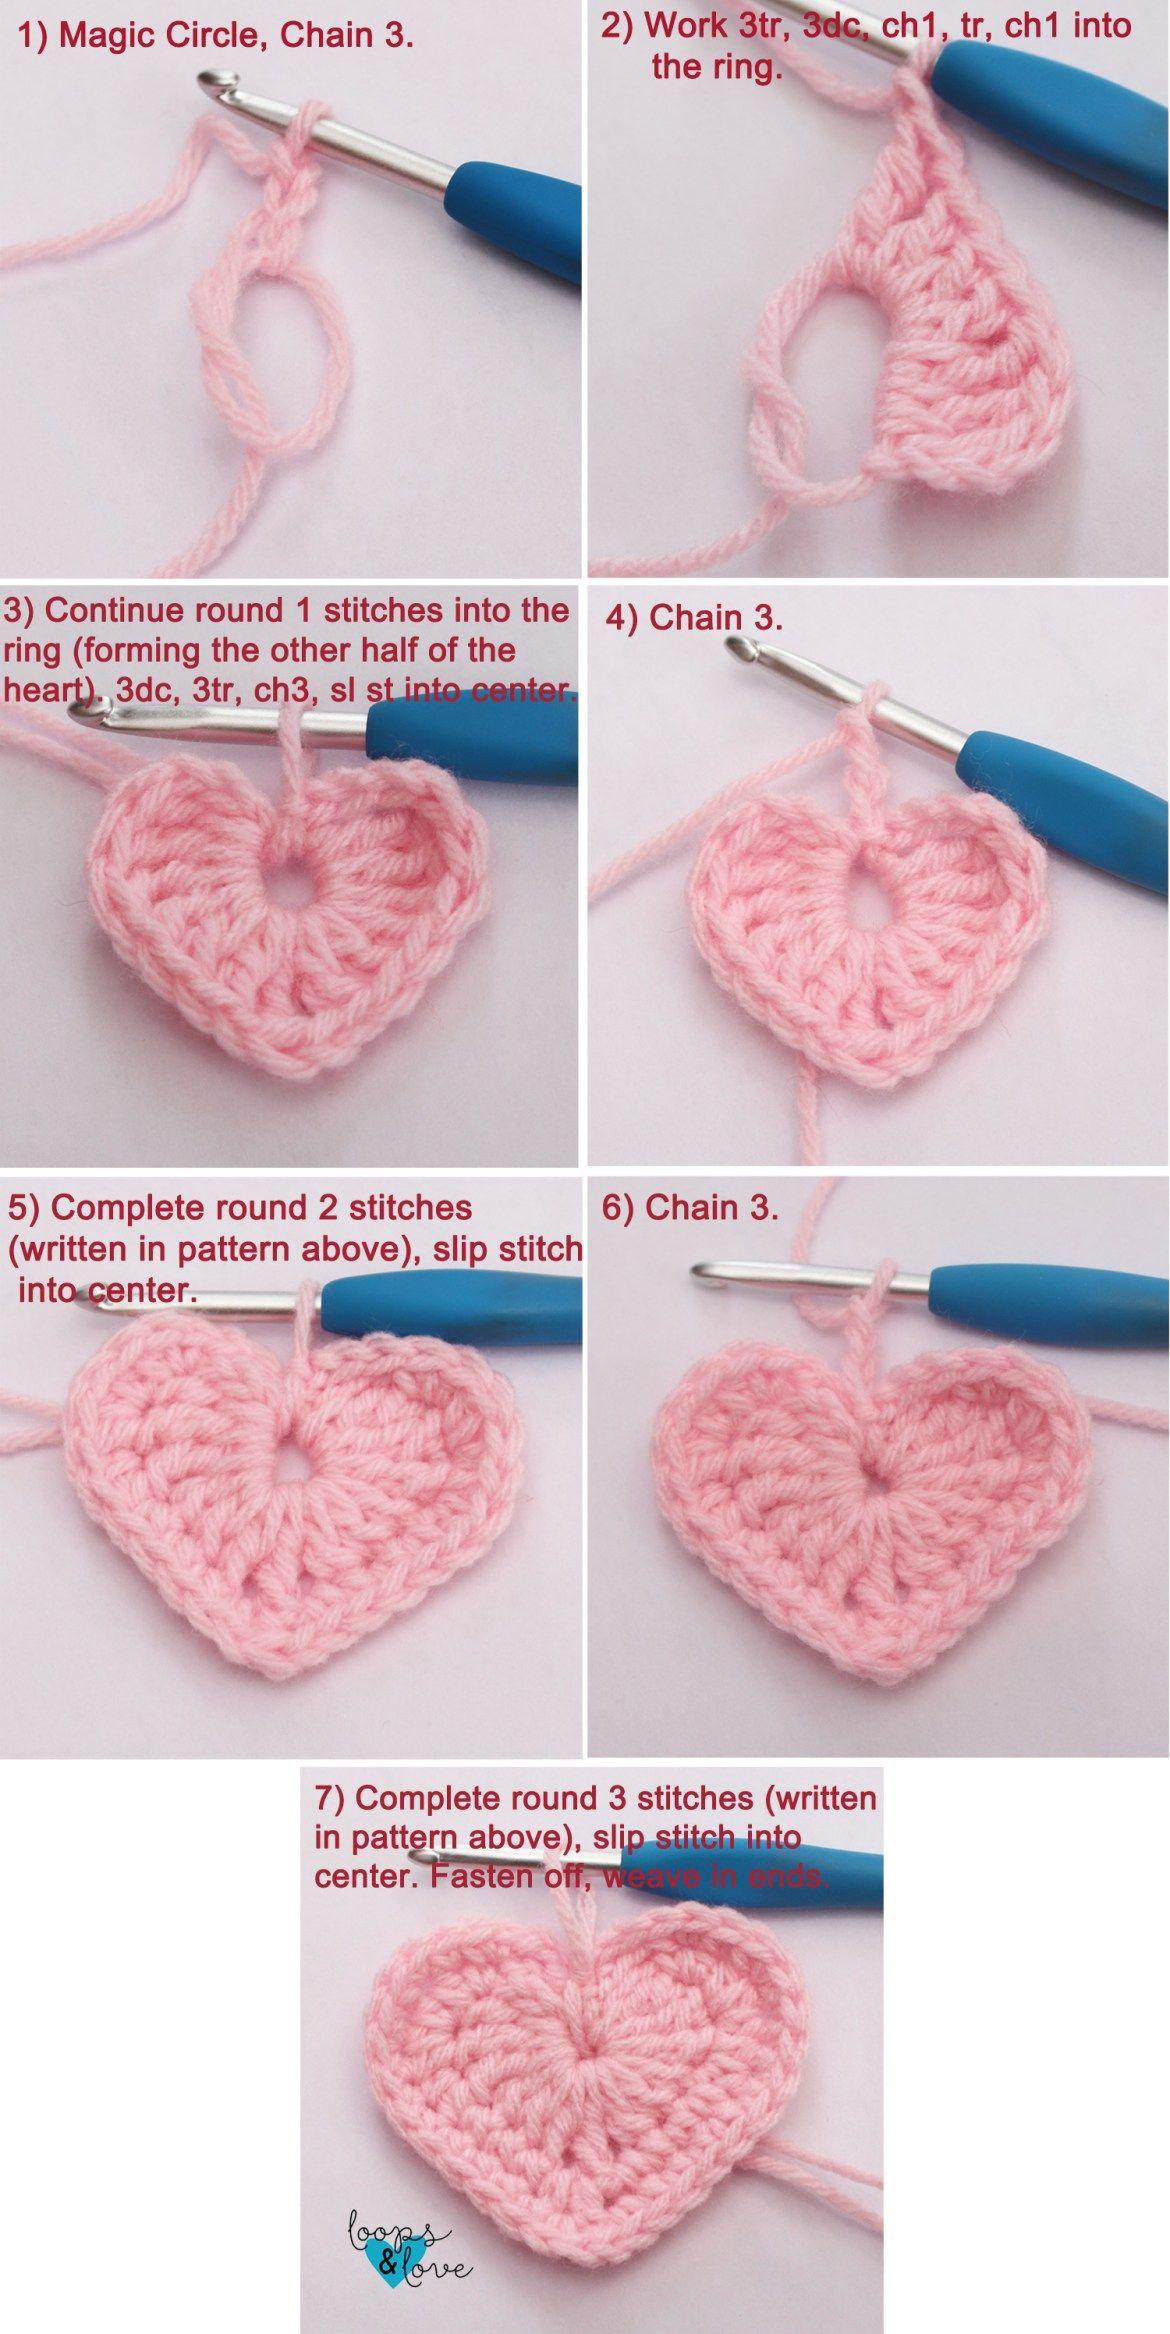 Easy Crochet Hearts – Loops & Love Crochet